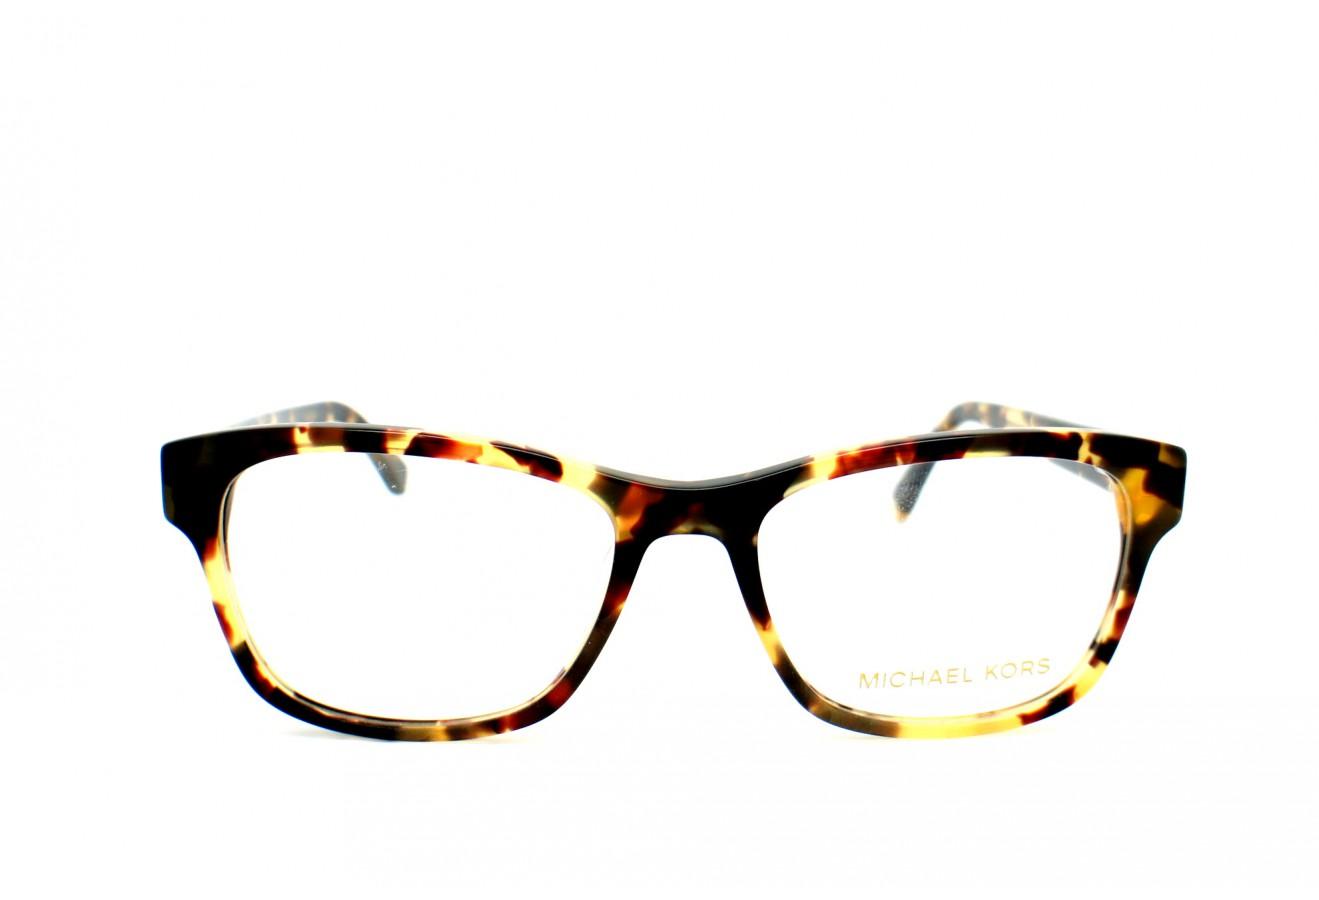 lunettes de vue mk 829m 281 51 17. Black Bedroom Furniture Sets. Home Design Ideas